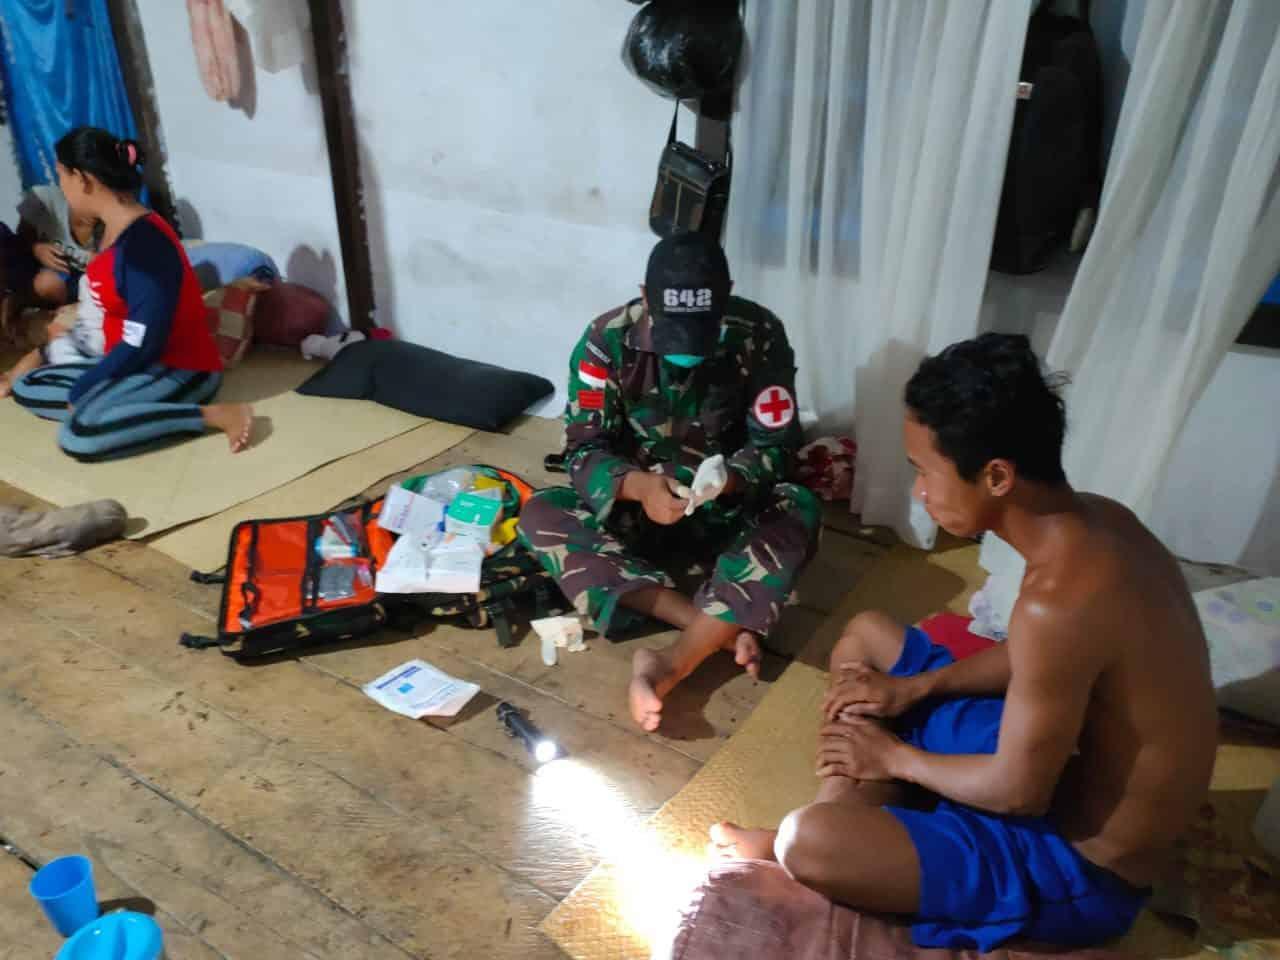 Jatuh dari Motor, Warga Dusun Sei Saparan Diobati Personel Satgas Pamtas Yonif 642/Kps